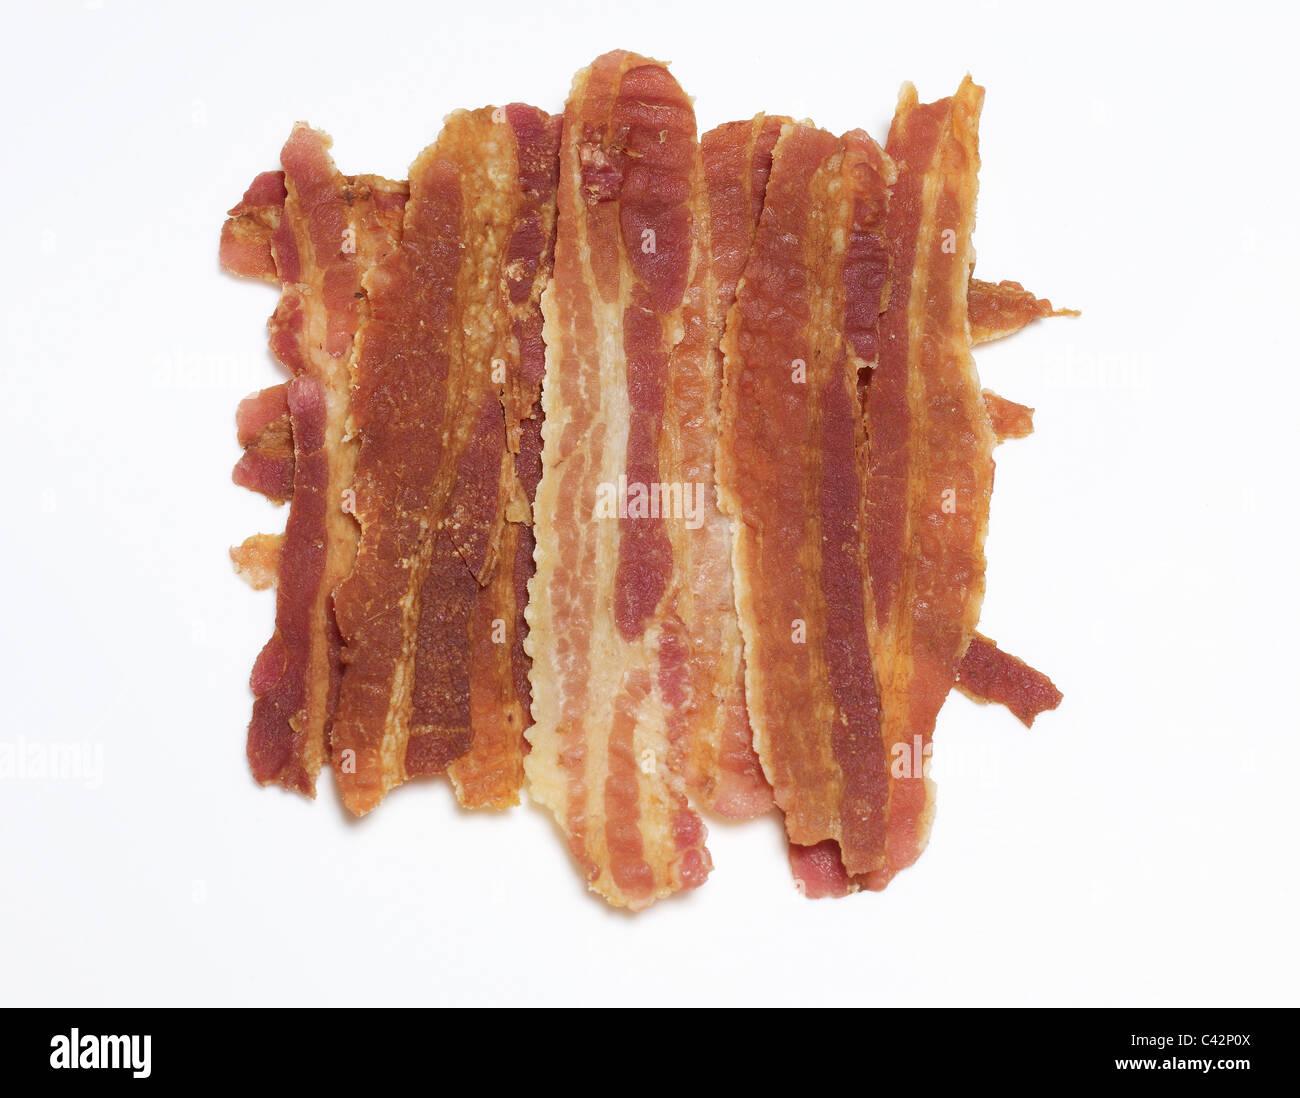 Tranches de bacon Photo Stock